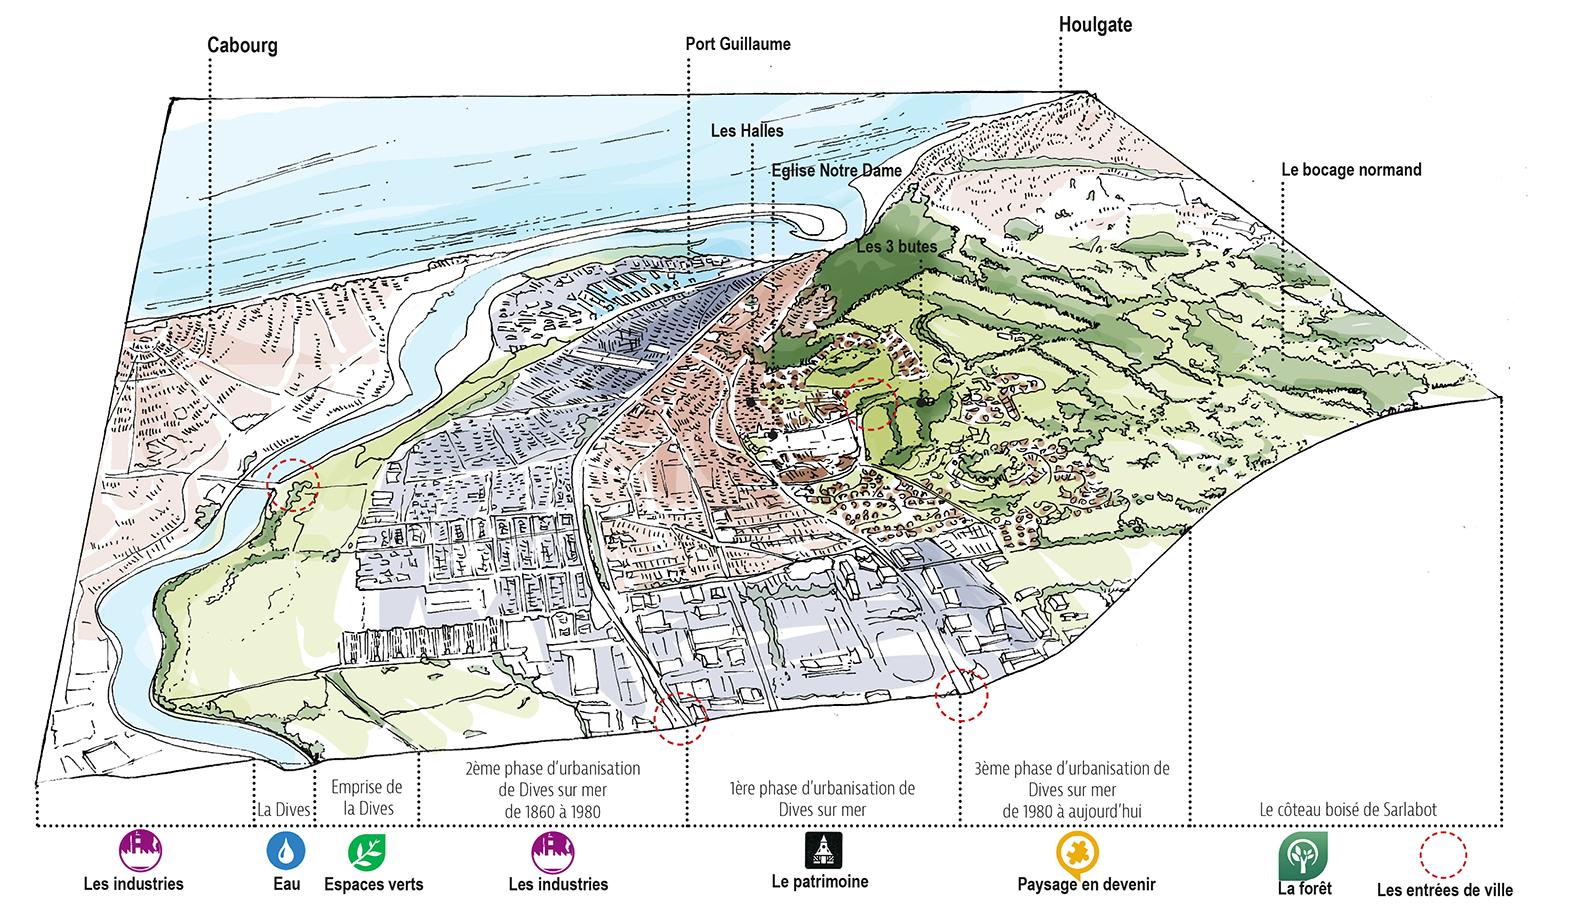 Présentation du projet d'aménagement à Dives-sur-Mer